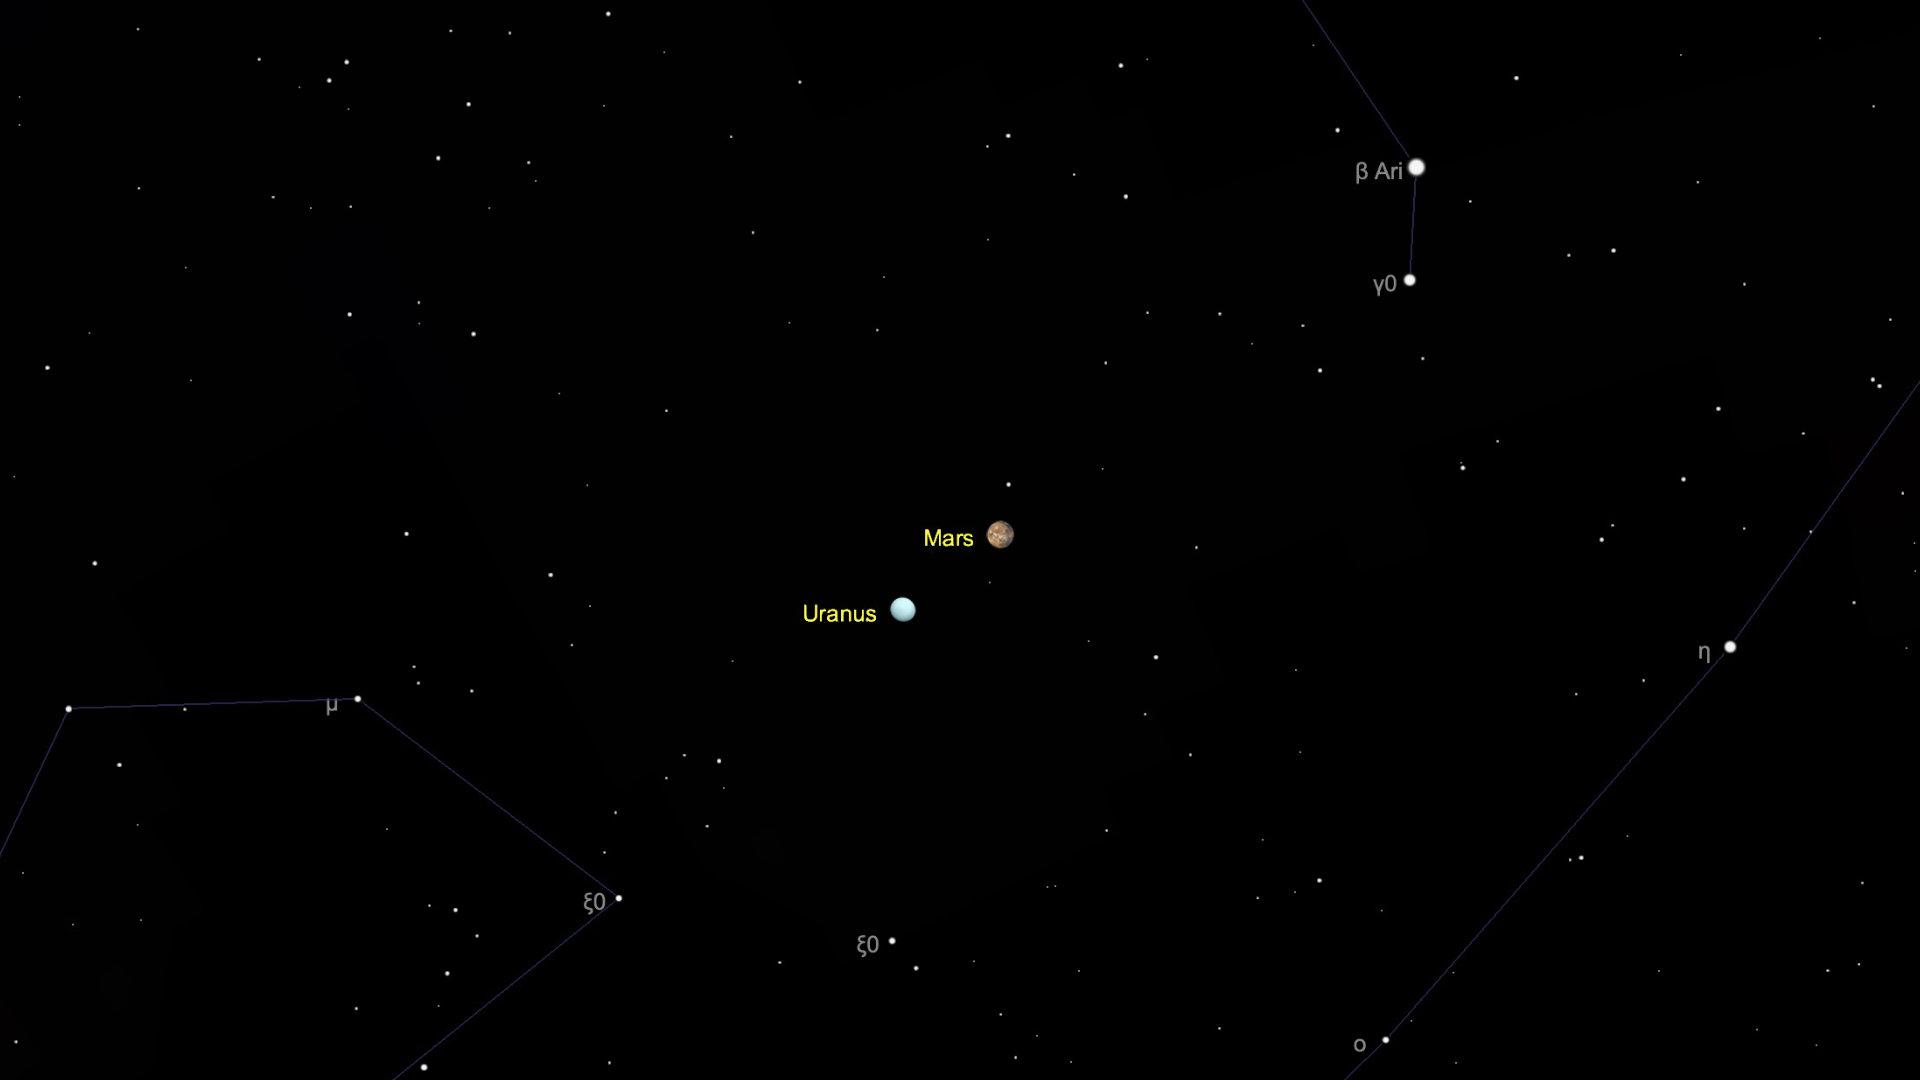 Profitez de son rapprochement avec Mars pour observer Uranus aux jumelles